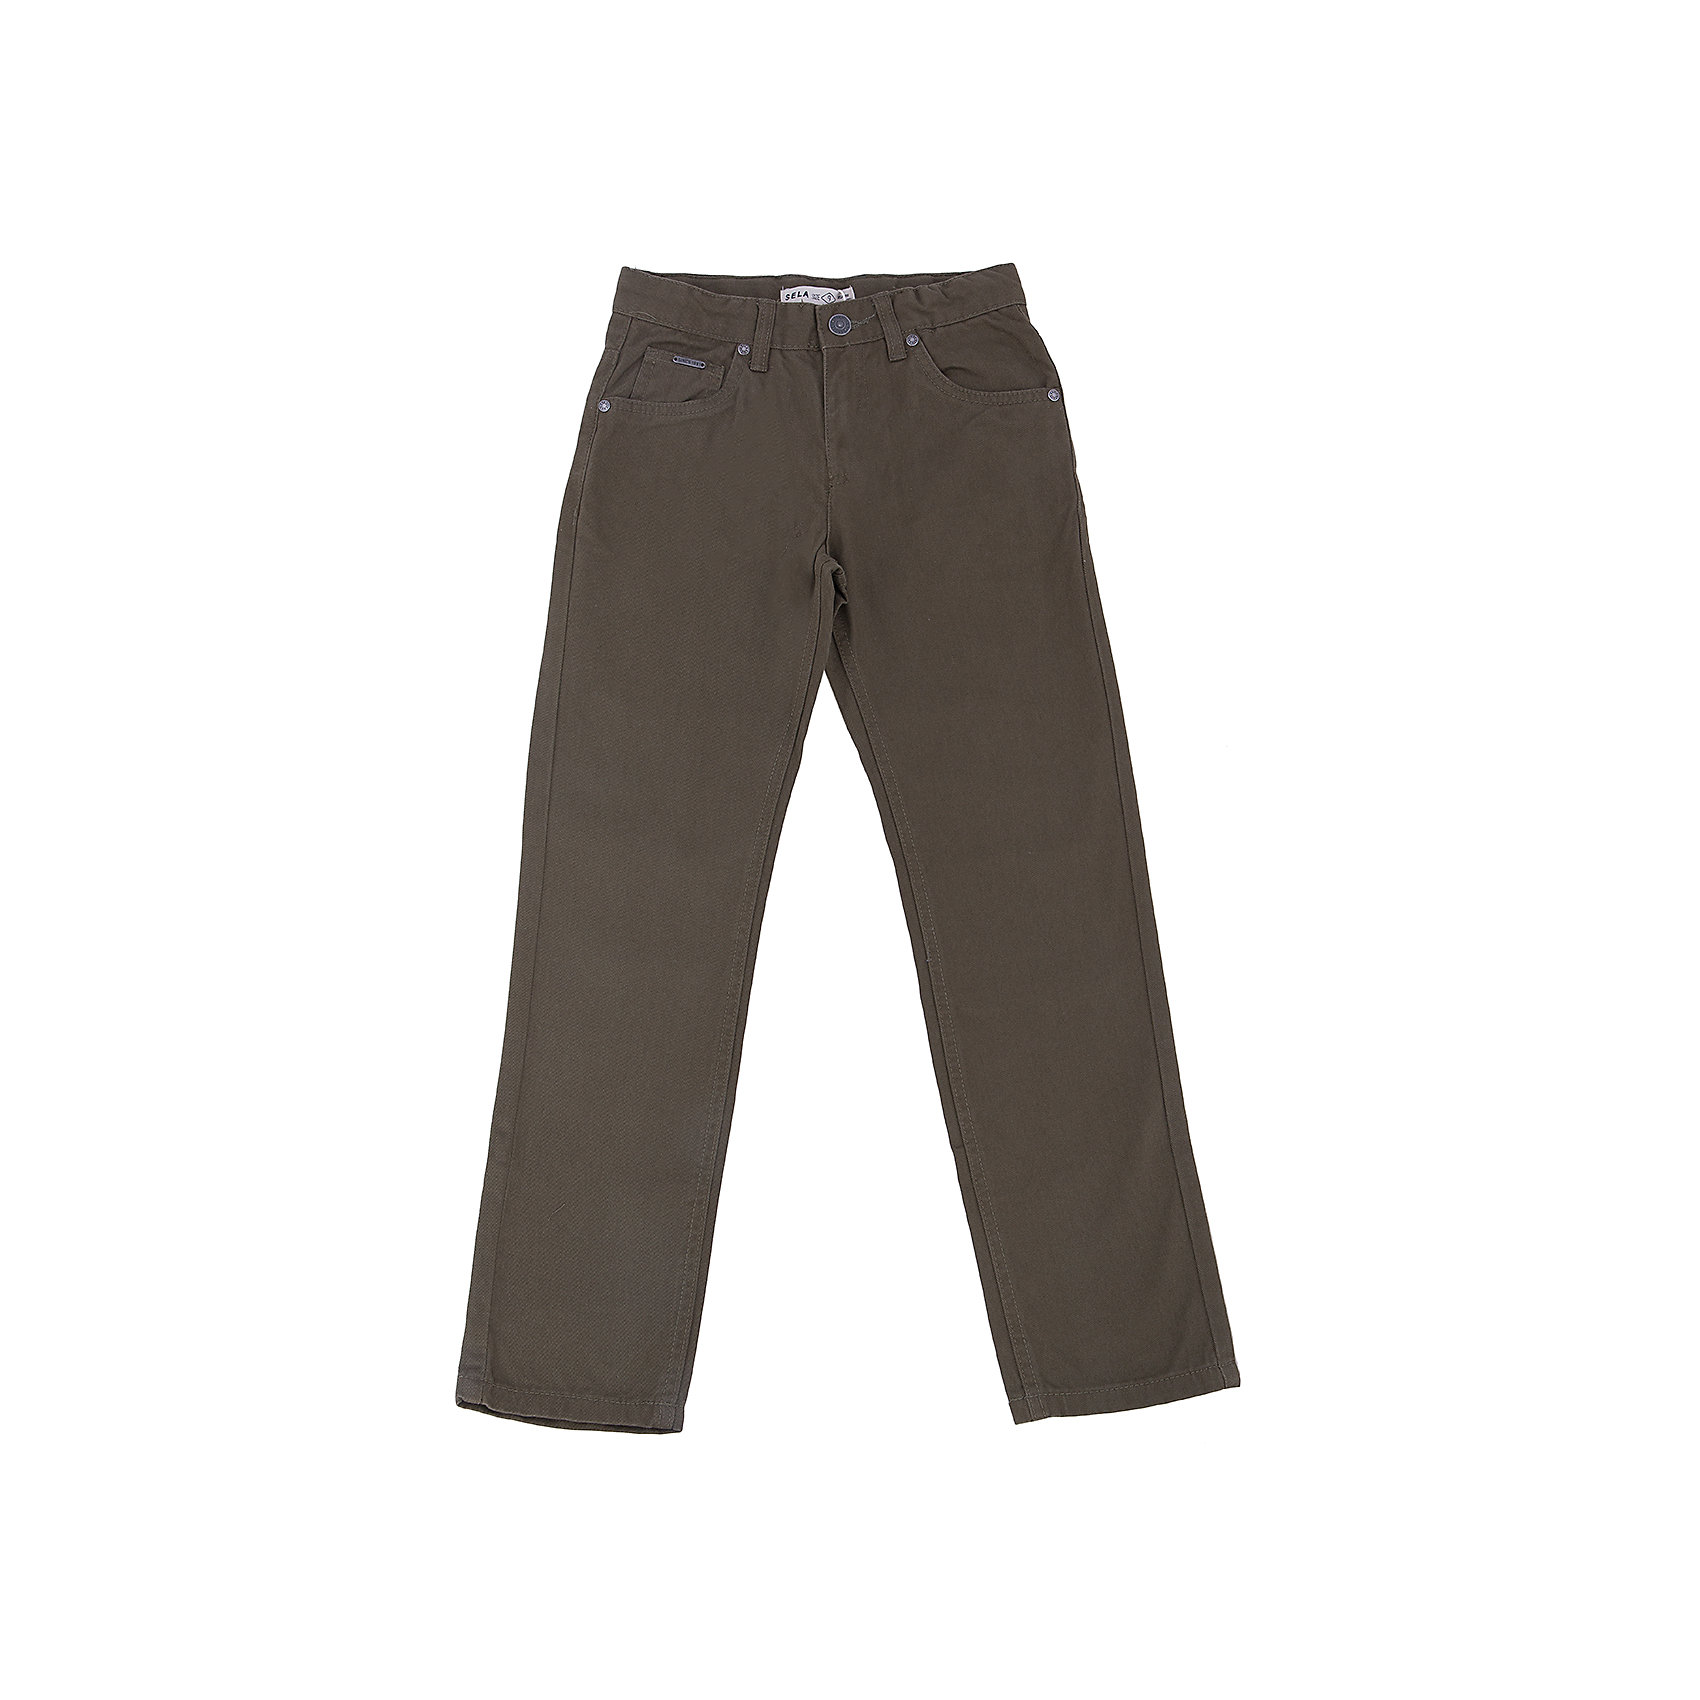 Брюки для мальчика SELAБрюки<br>Брюки для мальчика из коллекции осень-зима 2016-2017 от известного бренда SELA. Стильные брюки на каждый день приятного оливкового зеленого цвета сделаны из хлопка. Брюки на молнии, имеют классические 5 карманов, прекрасно подойдут как к рубашкам, так и к футболкам.<br><br>Дополнительная информация:<br>- Силуэт прямой <br><br>Состав: 100% хлопок <br><br>Брюки для мальчиков Sela можно купить в нашем интернет-магазине.<br>.<br>Подробнее:<br>• Для детей в возрасте: от 6 до 12 лет<br>• Номер товара: 4913212<br>Страна производитель: Бангладеш<br><br>Ширина мм: 215<br>Глубина мм: 88<br>Высота мм: 191<br>Вес г: 336<br>Цвет: зеленый<br>Возраст от месяцев: 96<br>Возраст до месяцев: 108<br>Пол: Мужской<br>Возраст: Детский<br>Размер: 134,116,122,140,152,146,128<br>SKU: 4913211